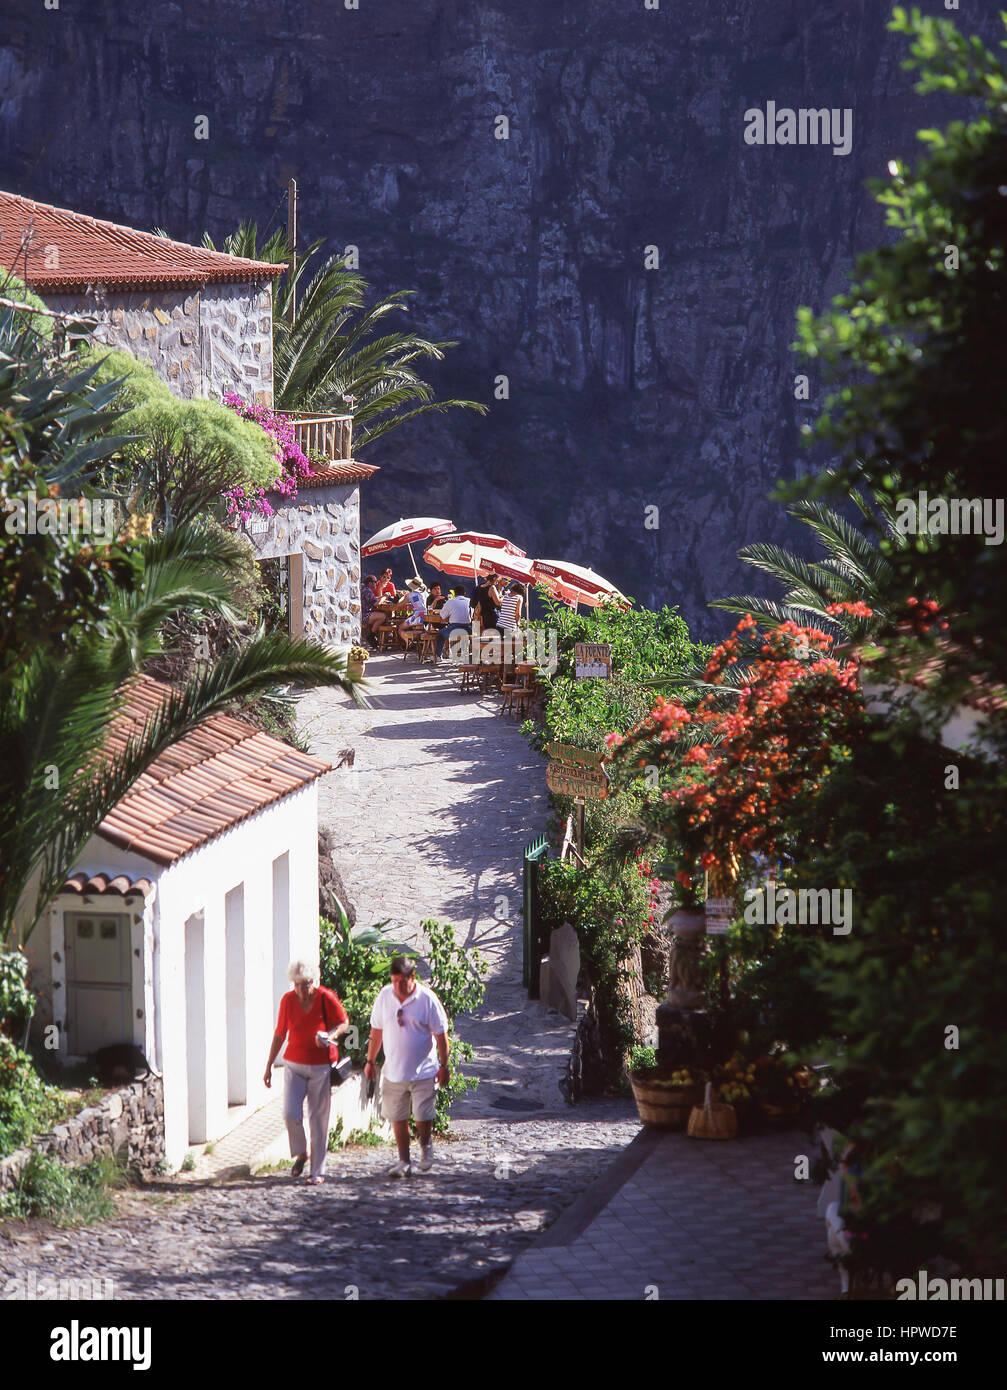 Restaurante Mirador, la aldea de Masca, Teno, Tenerife, Islas Canarias, España Imagen De Stock